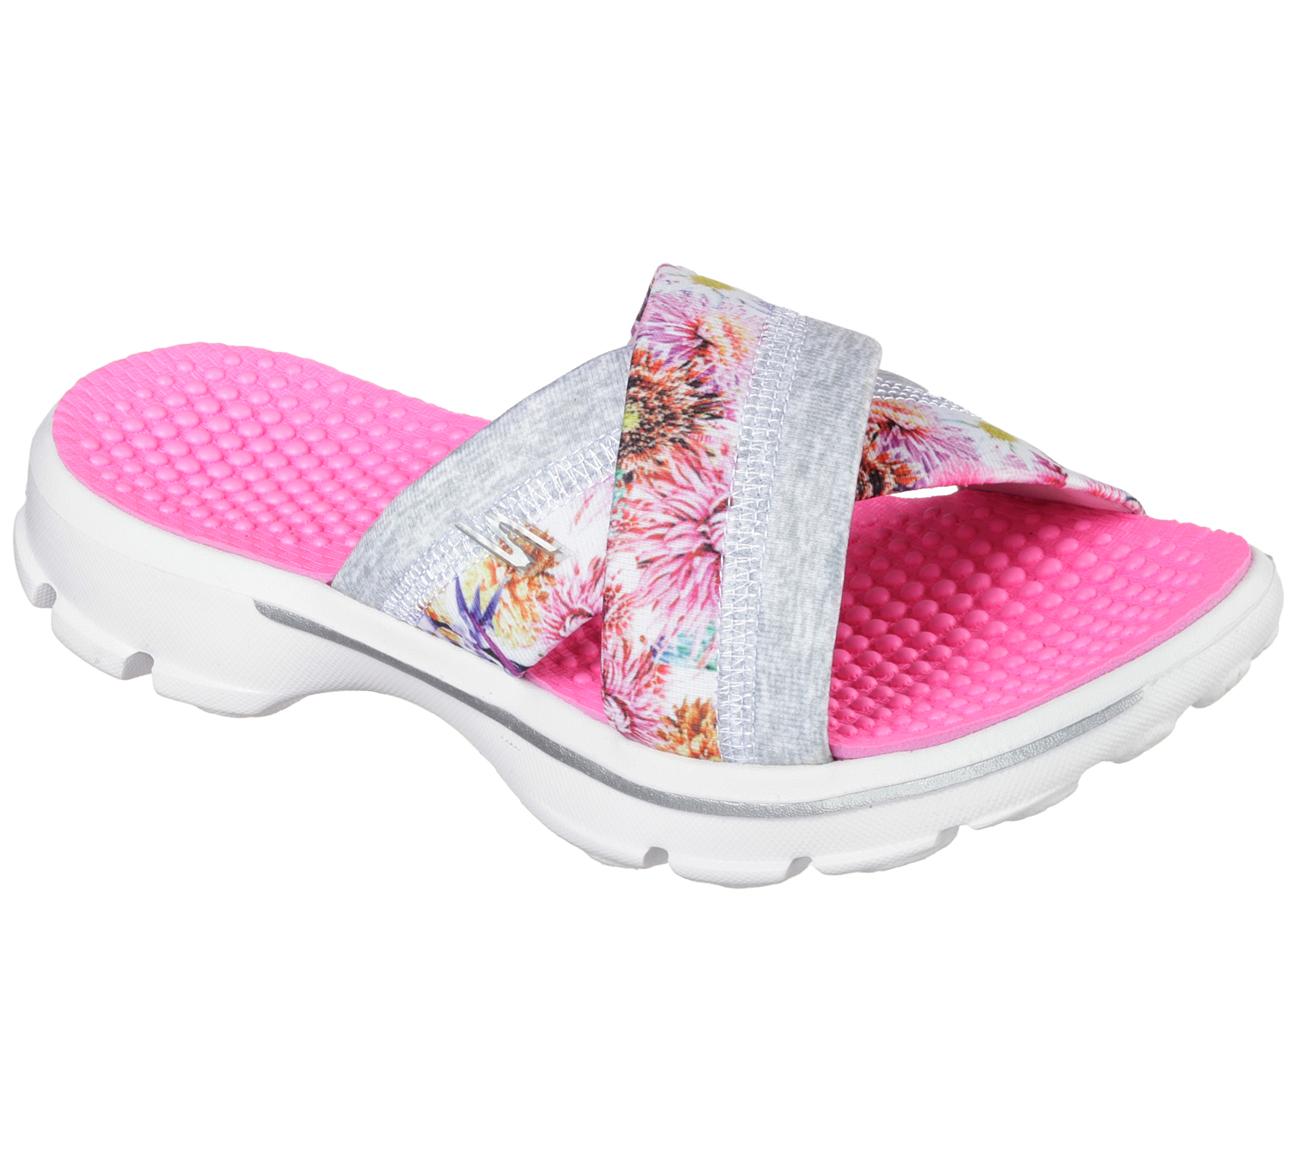 Buy Skechers Skechers Gowalk 3 Fiji Gowalk Shoes Only 35 00